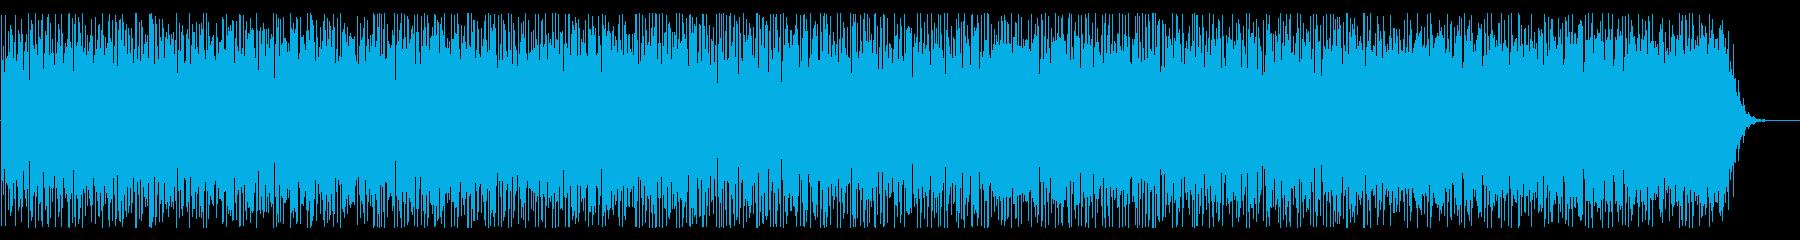 クラシックかつミステリーな雰囲気のBGMの再生済みの波形